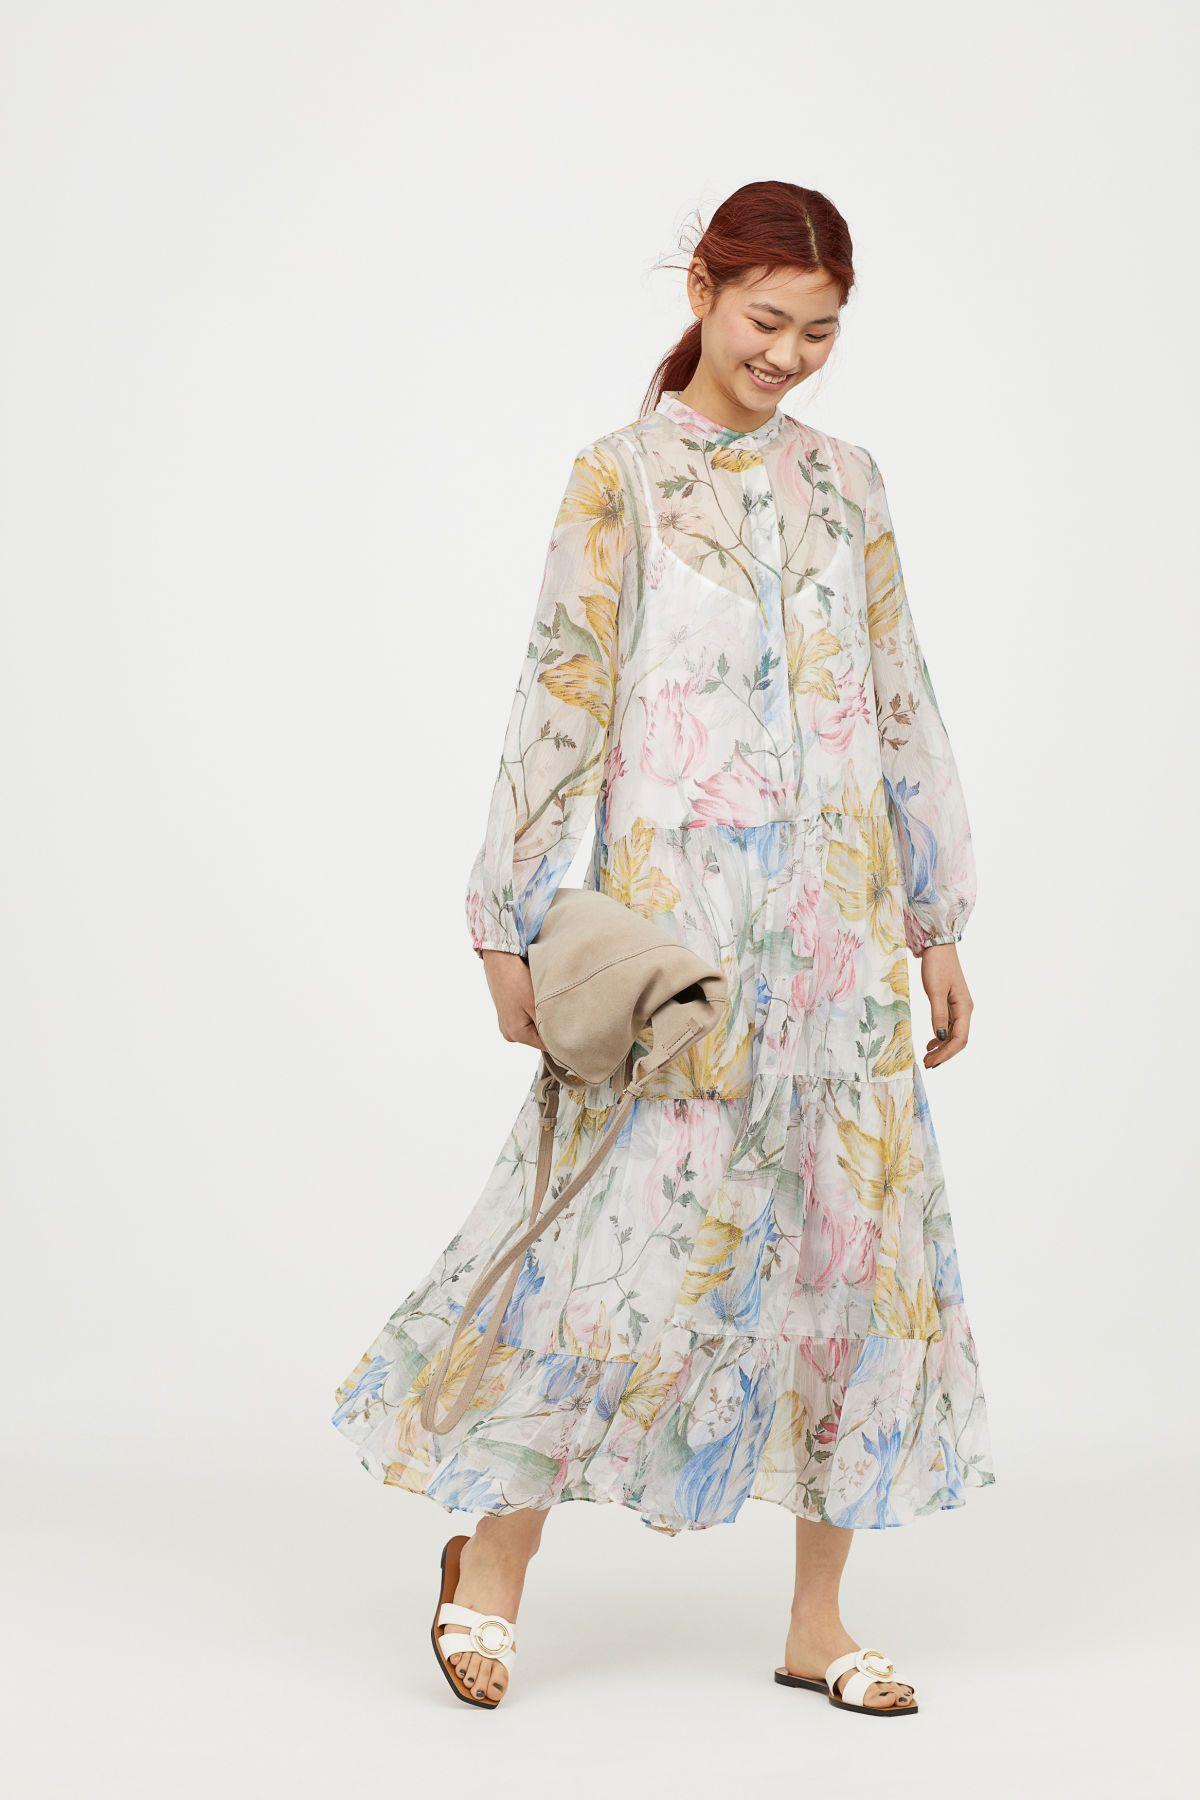 Gemustertes Chiffonkleid Weiss Geblumt Damen H M De Bedruckte Kleider Zelt Kleid Schone Kleider